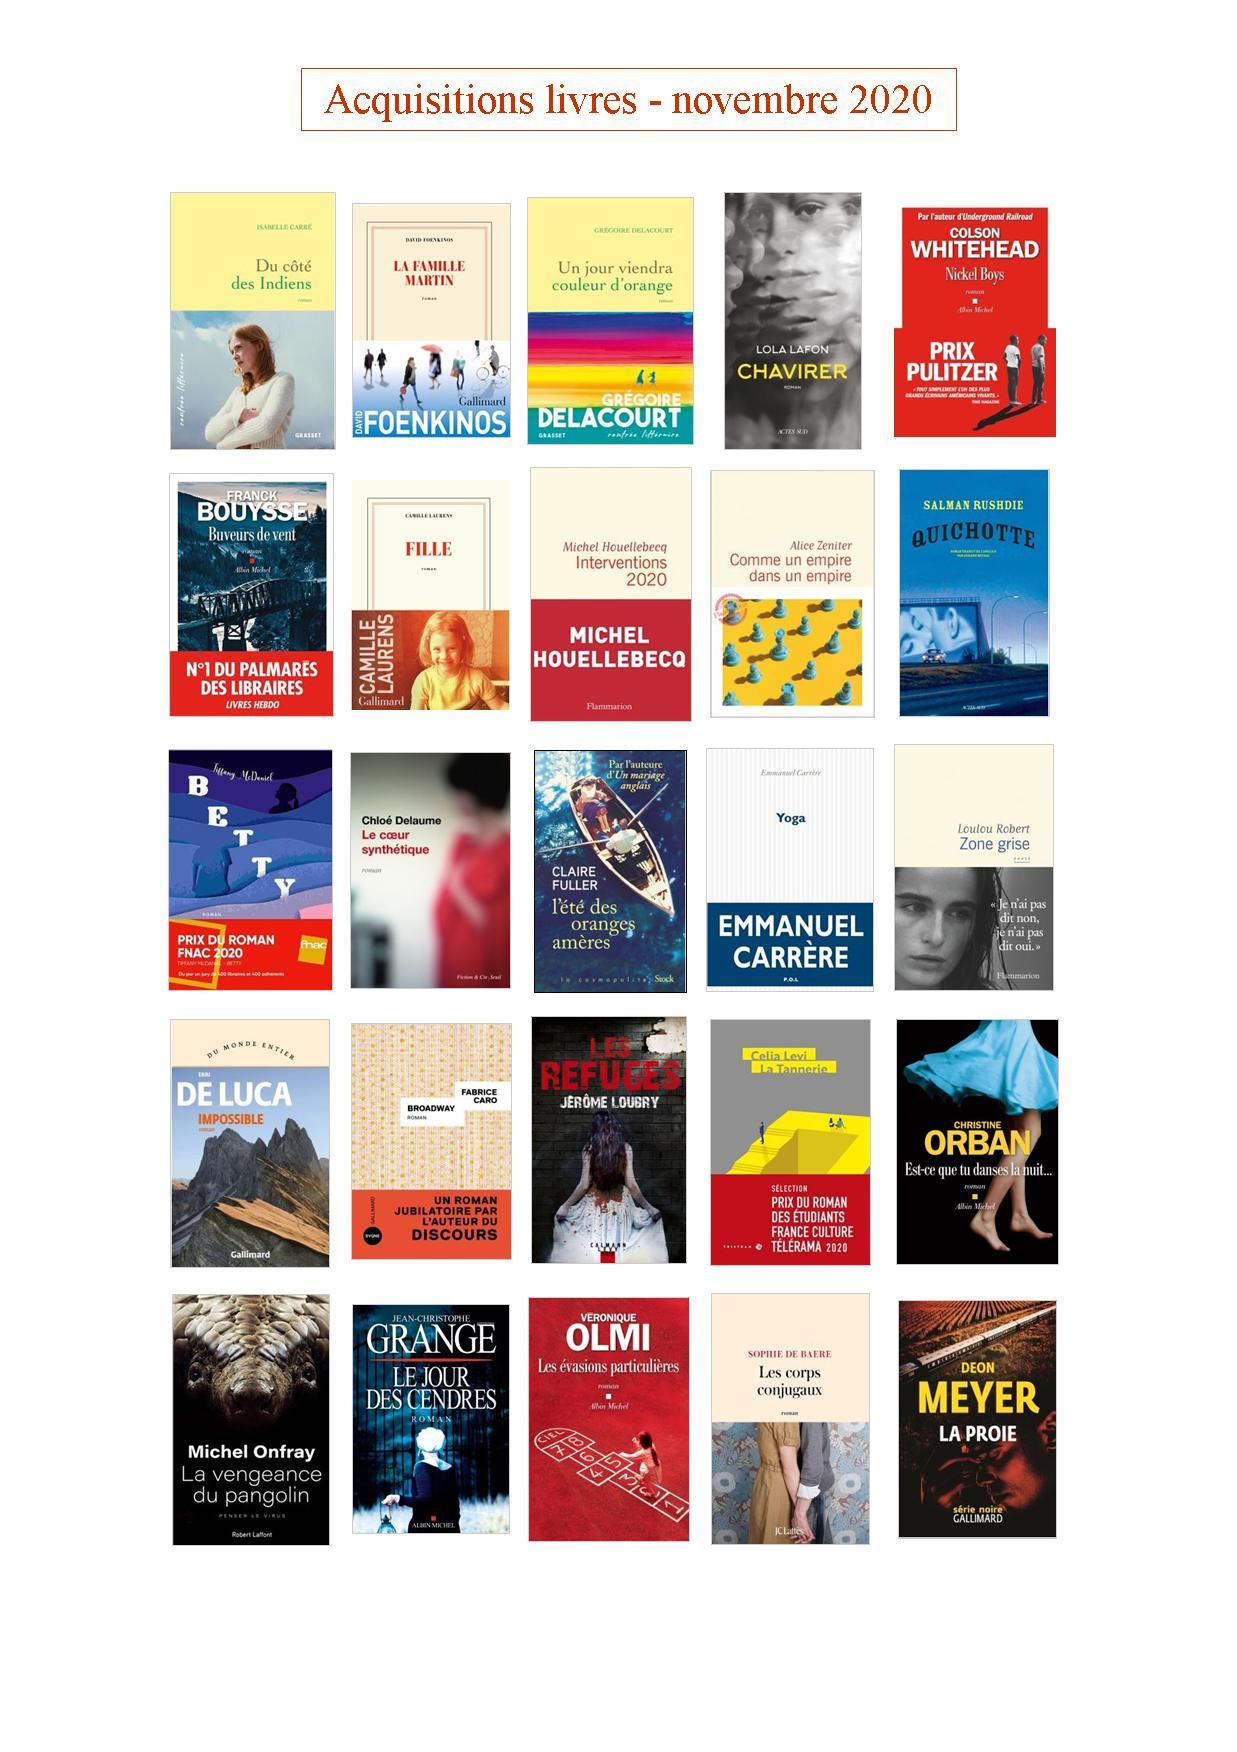 acquisitions livres novembre 2020a